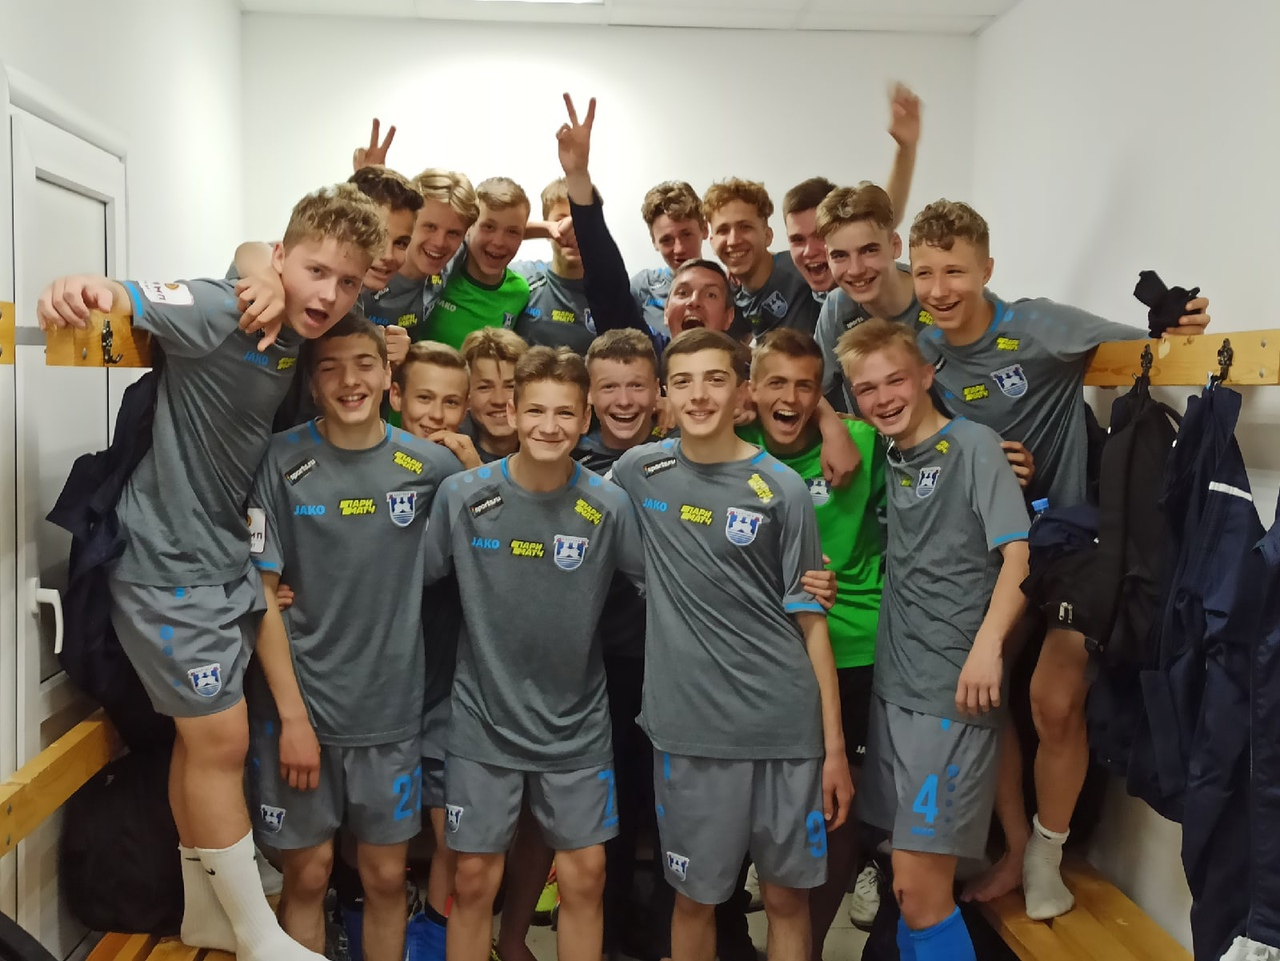 Пока «Зенит» праздновал очередной титул, в Гатчине стартовала новая юношеская лига - фото